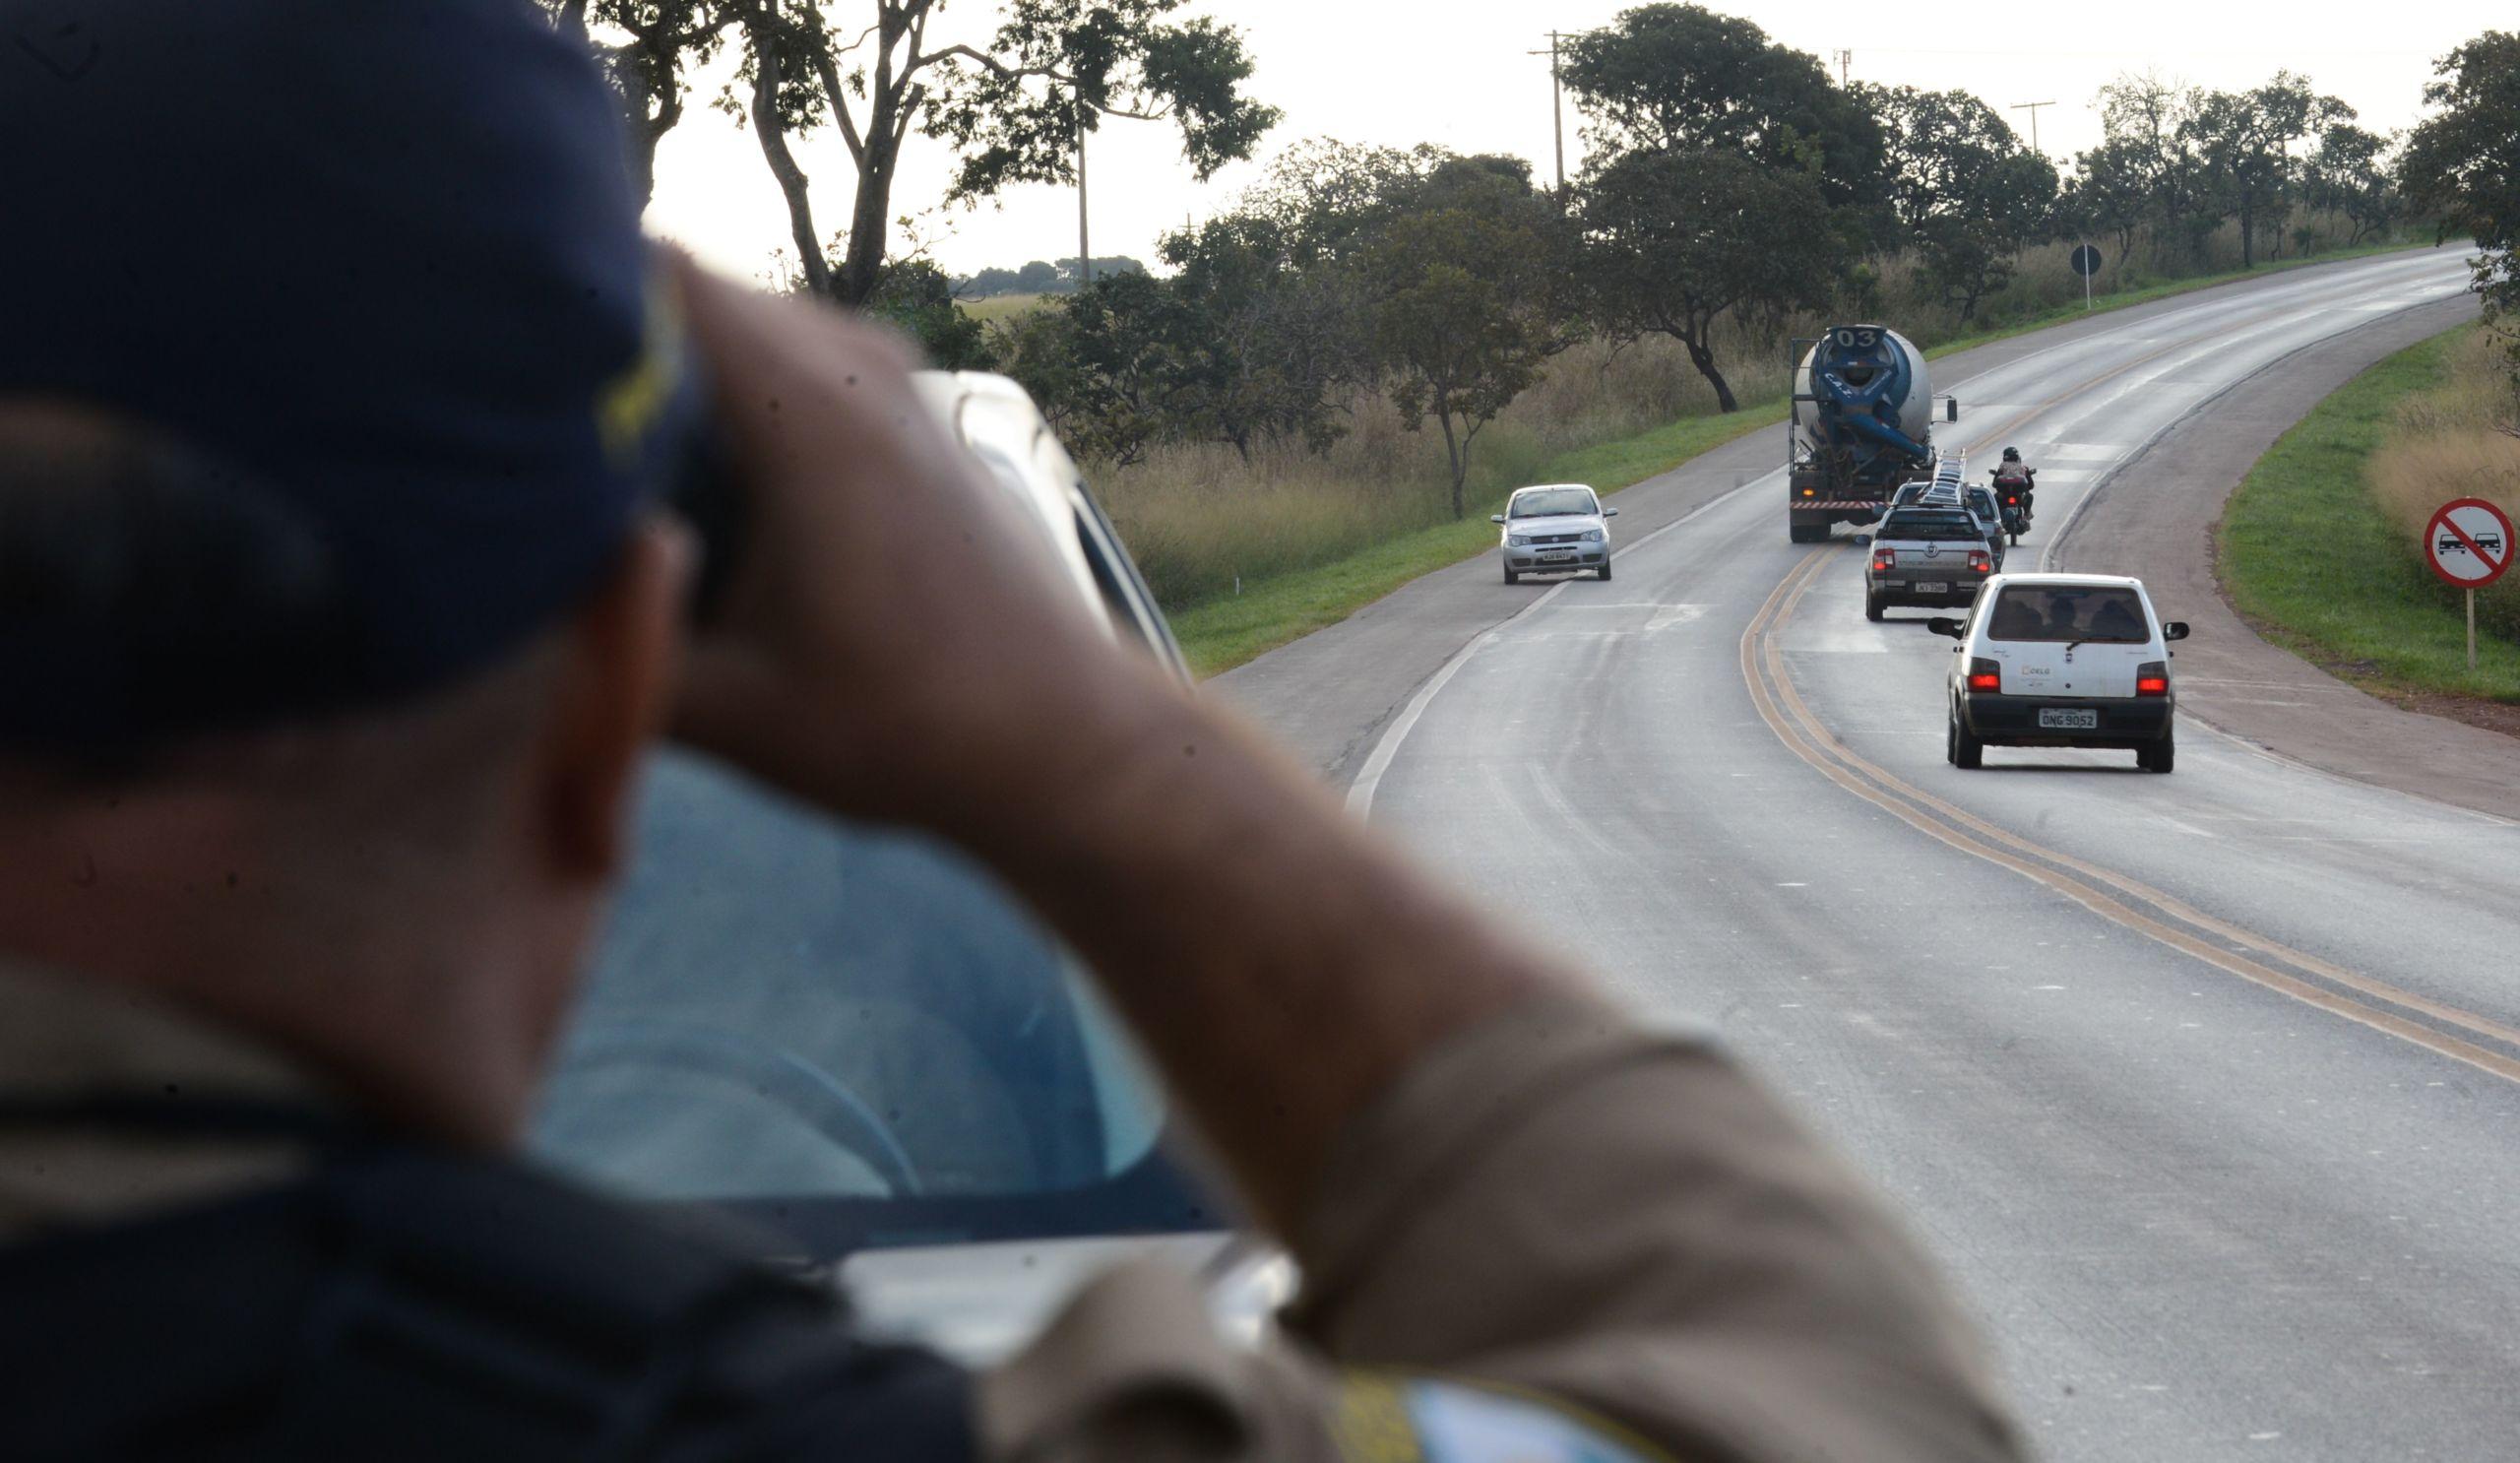 mcjr policia rodoviaria intensifica fiscalizacao estradas 06032015002